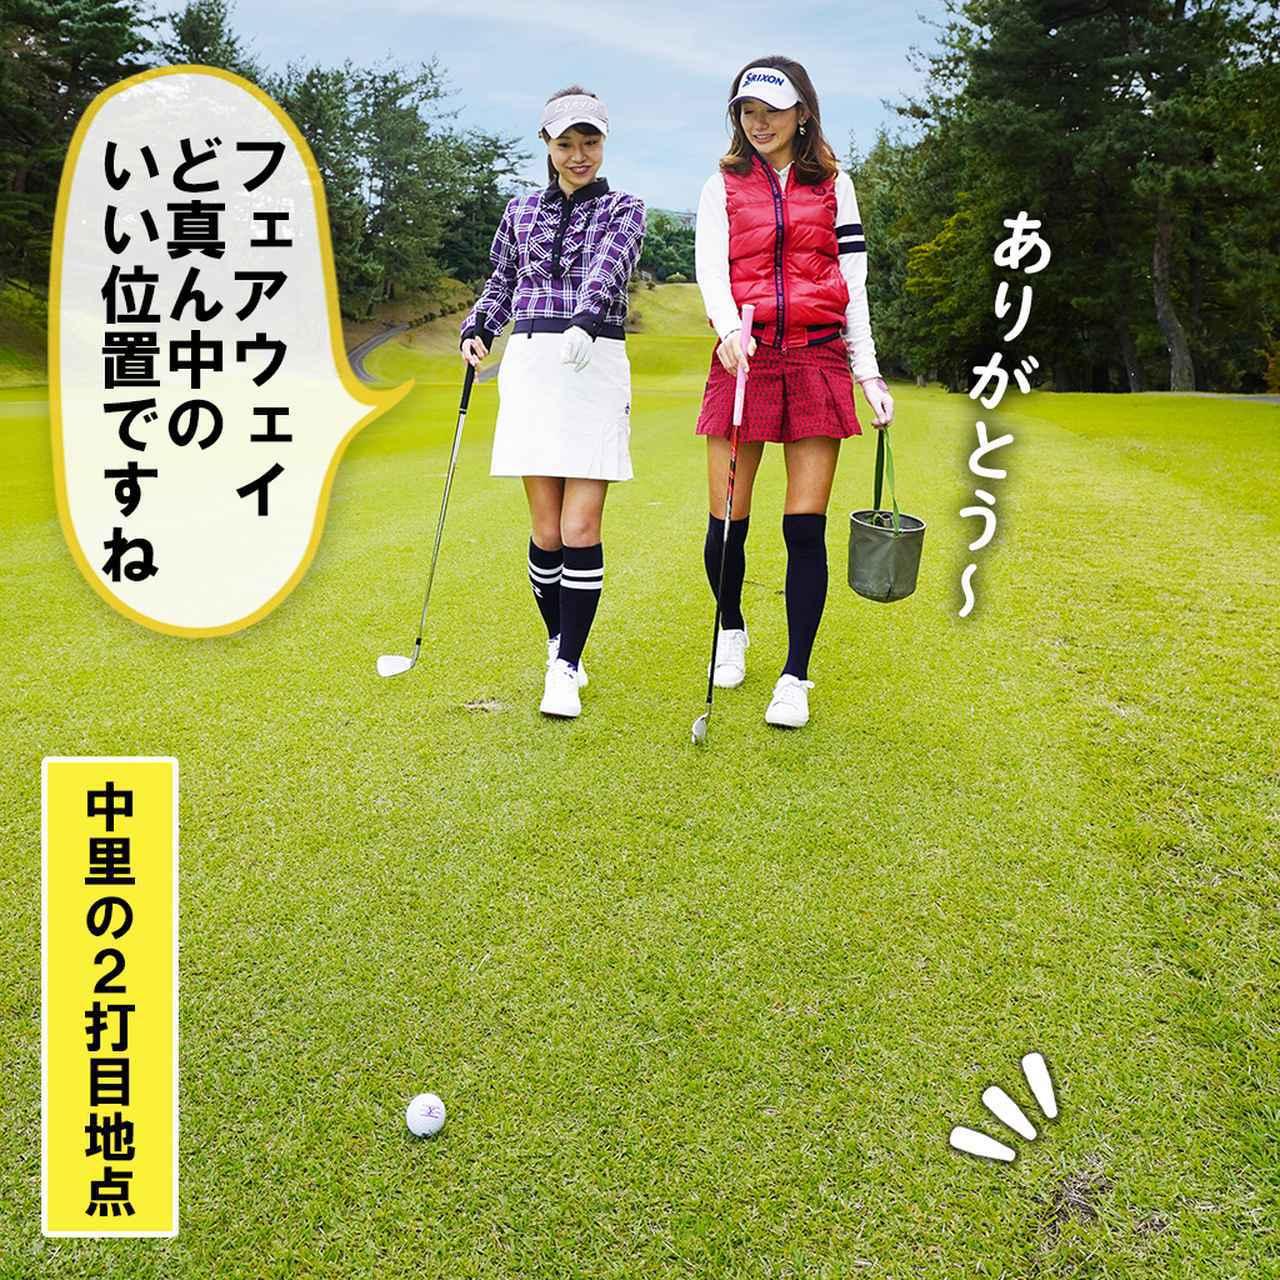 画像1: 【新ルール】目土をしてからアドレスしたら、足にかかった! これってスタンス区域の改善になる?